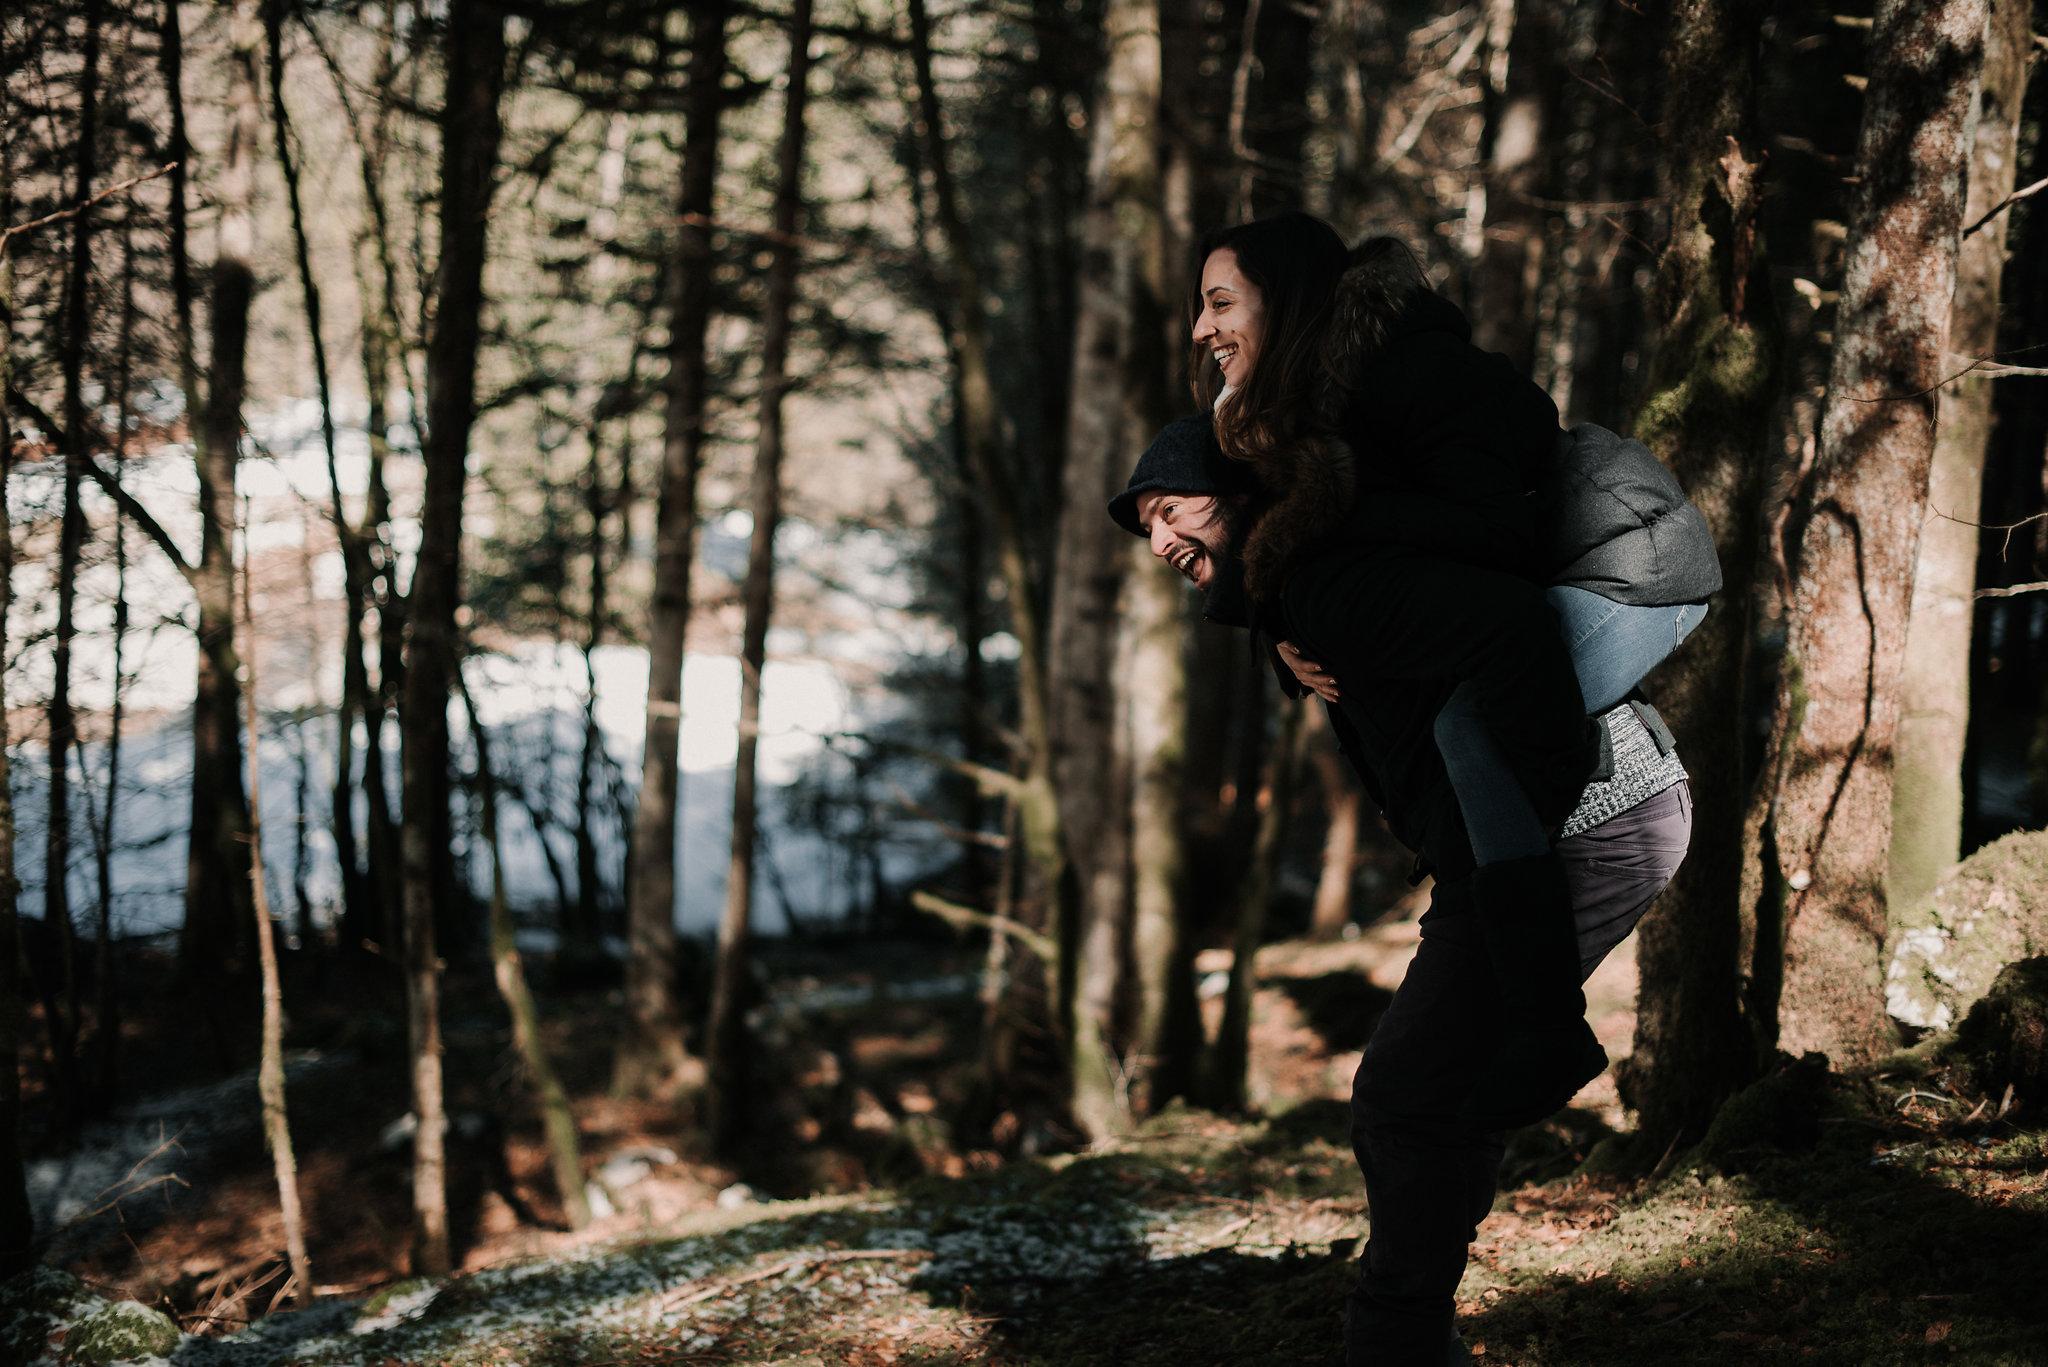 Léa-Fery-photographe-professionnel-lyon-rhone-alpes-portrait-creation-mariage-evenement-evenementiel-famille-4796.jpg